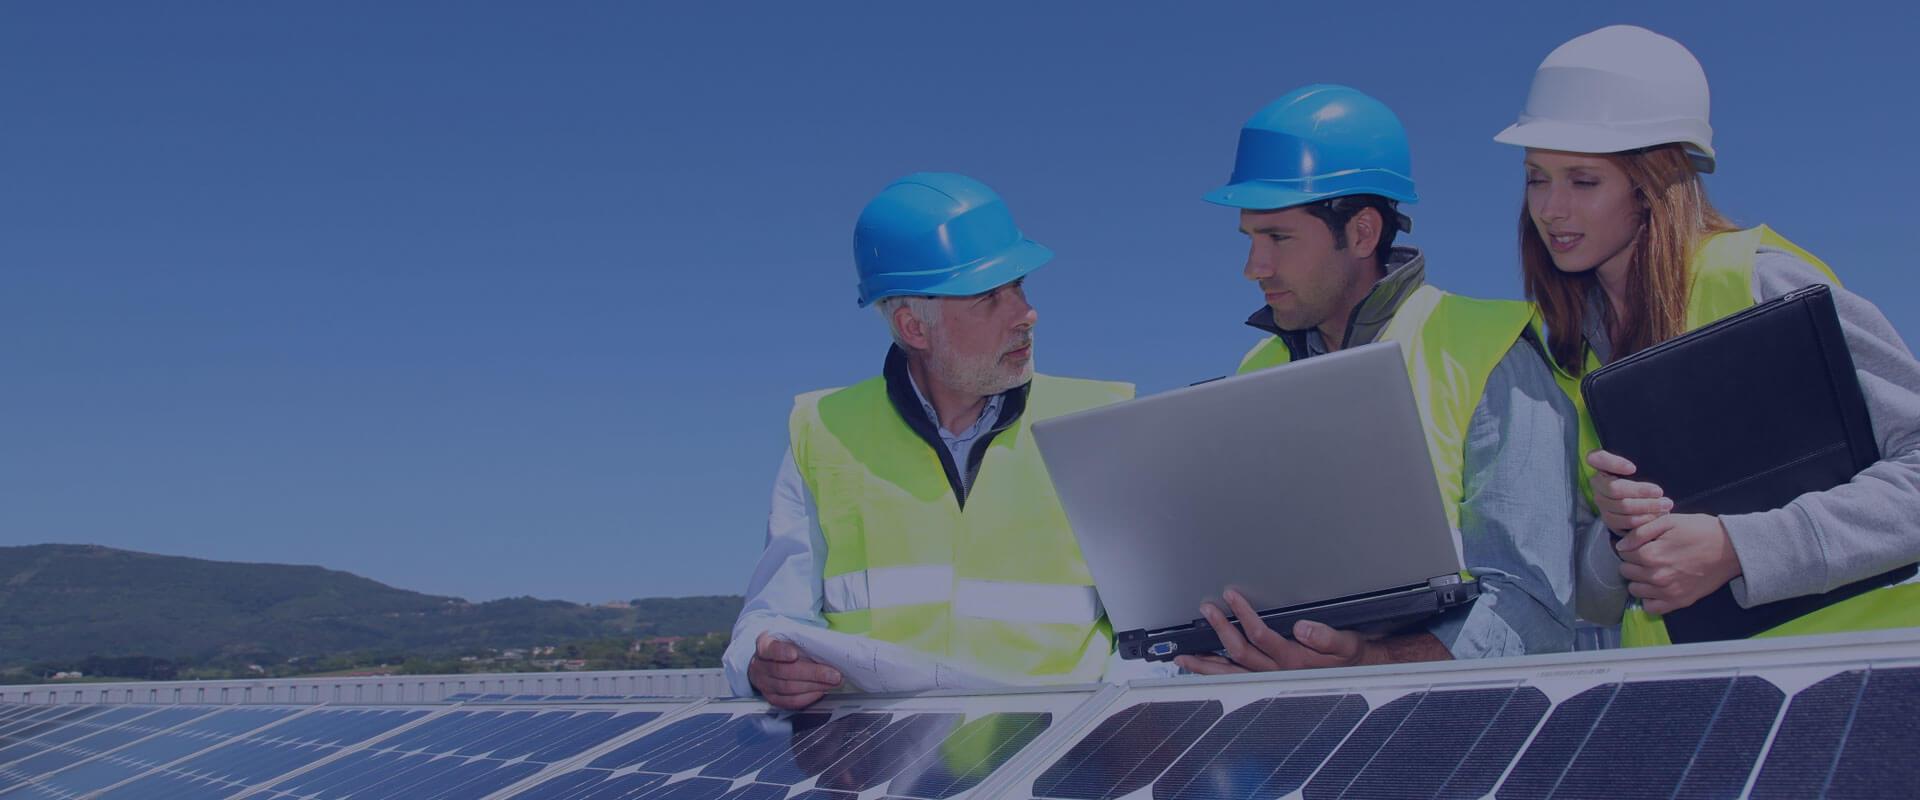 Energieerzeugung durch Solarstrom, einfach clever